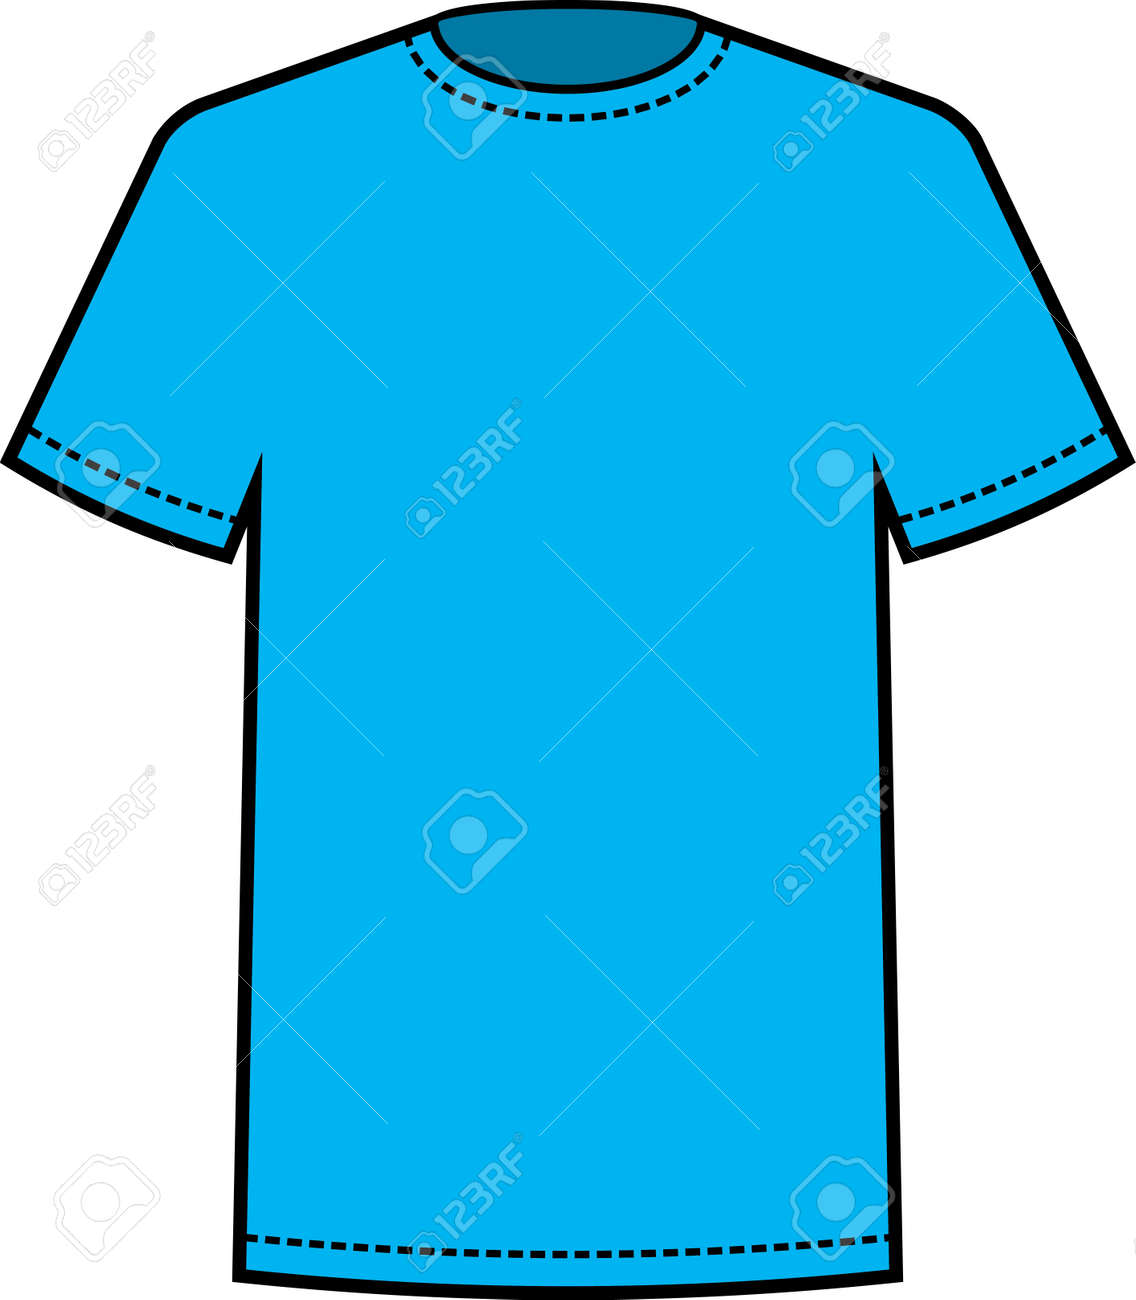 空の青い t シャツのテンプレート ベクトル ロイヤリティフリークリップ